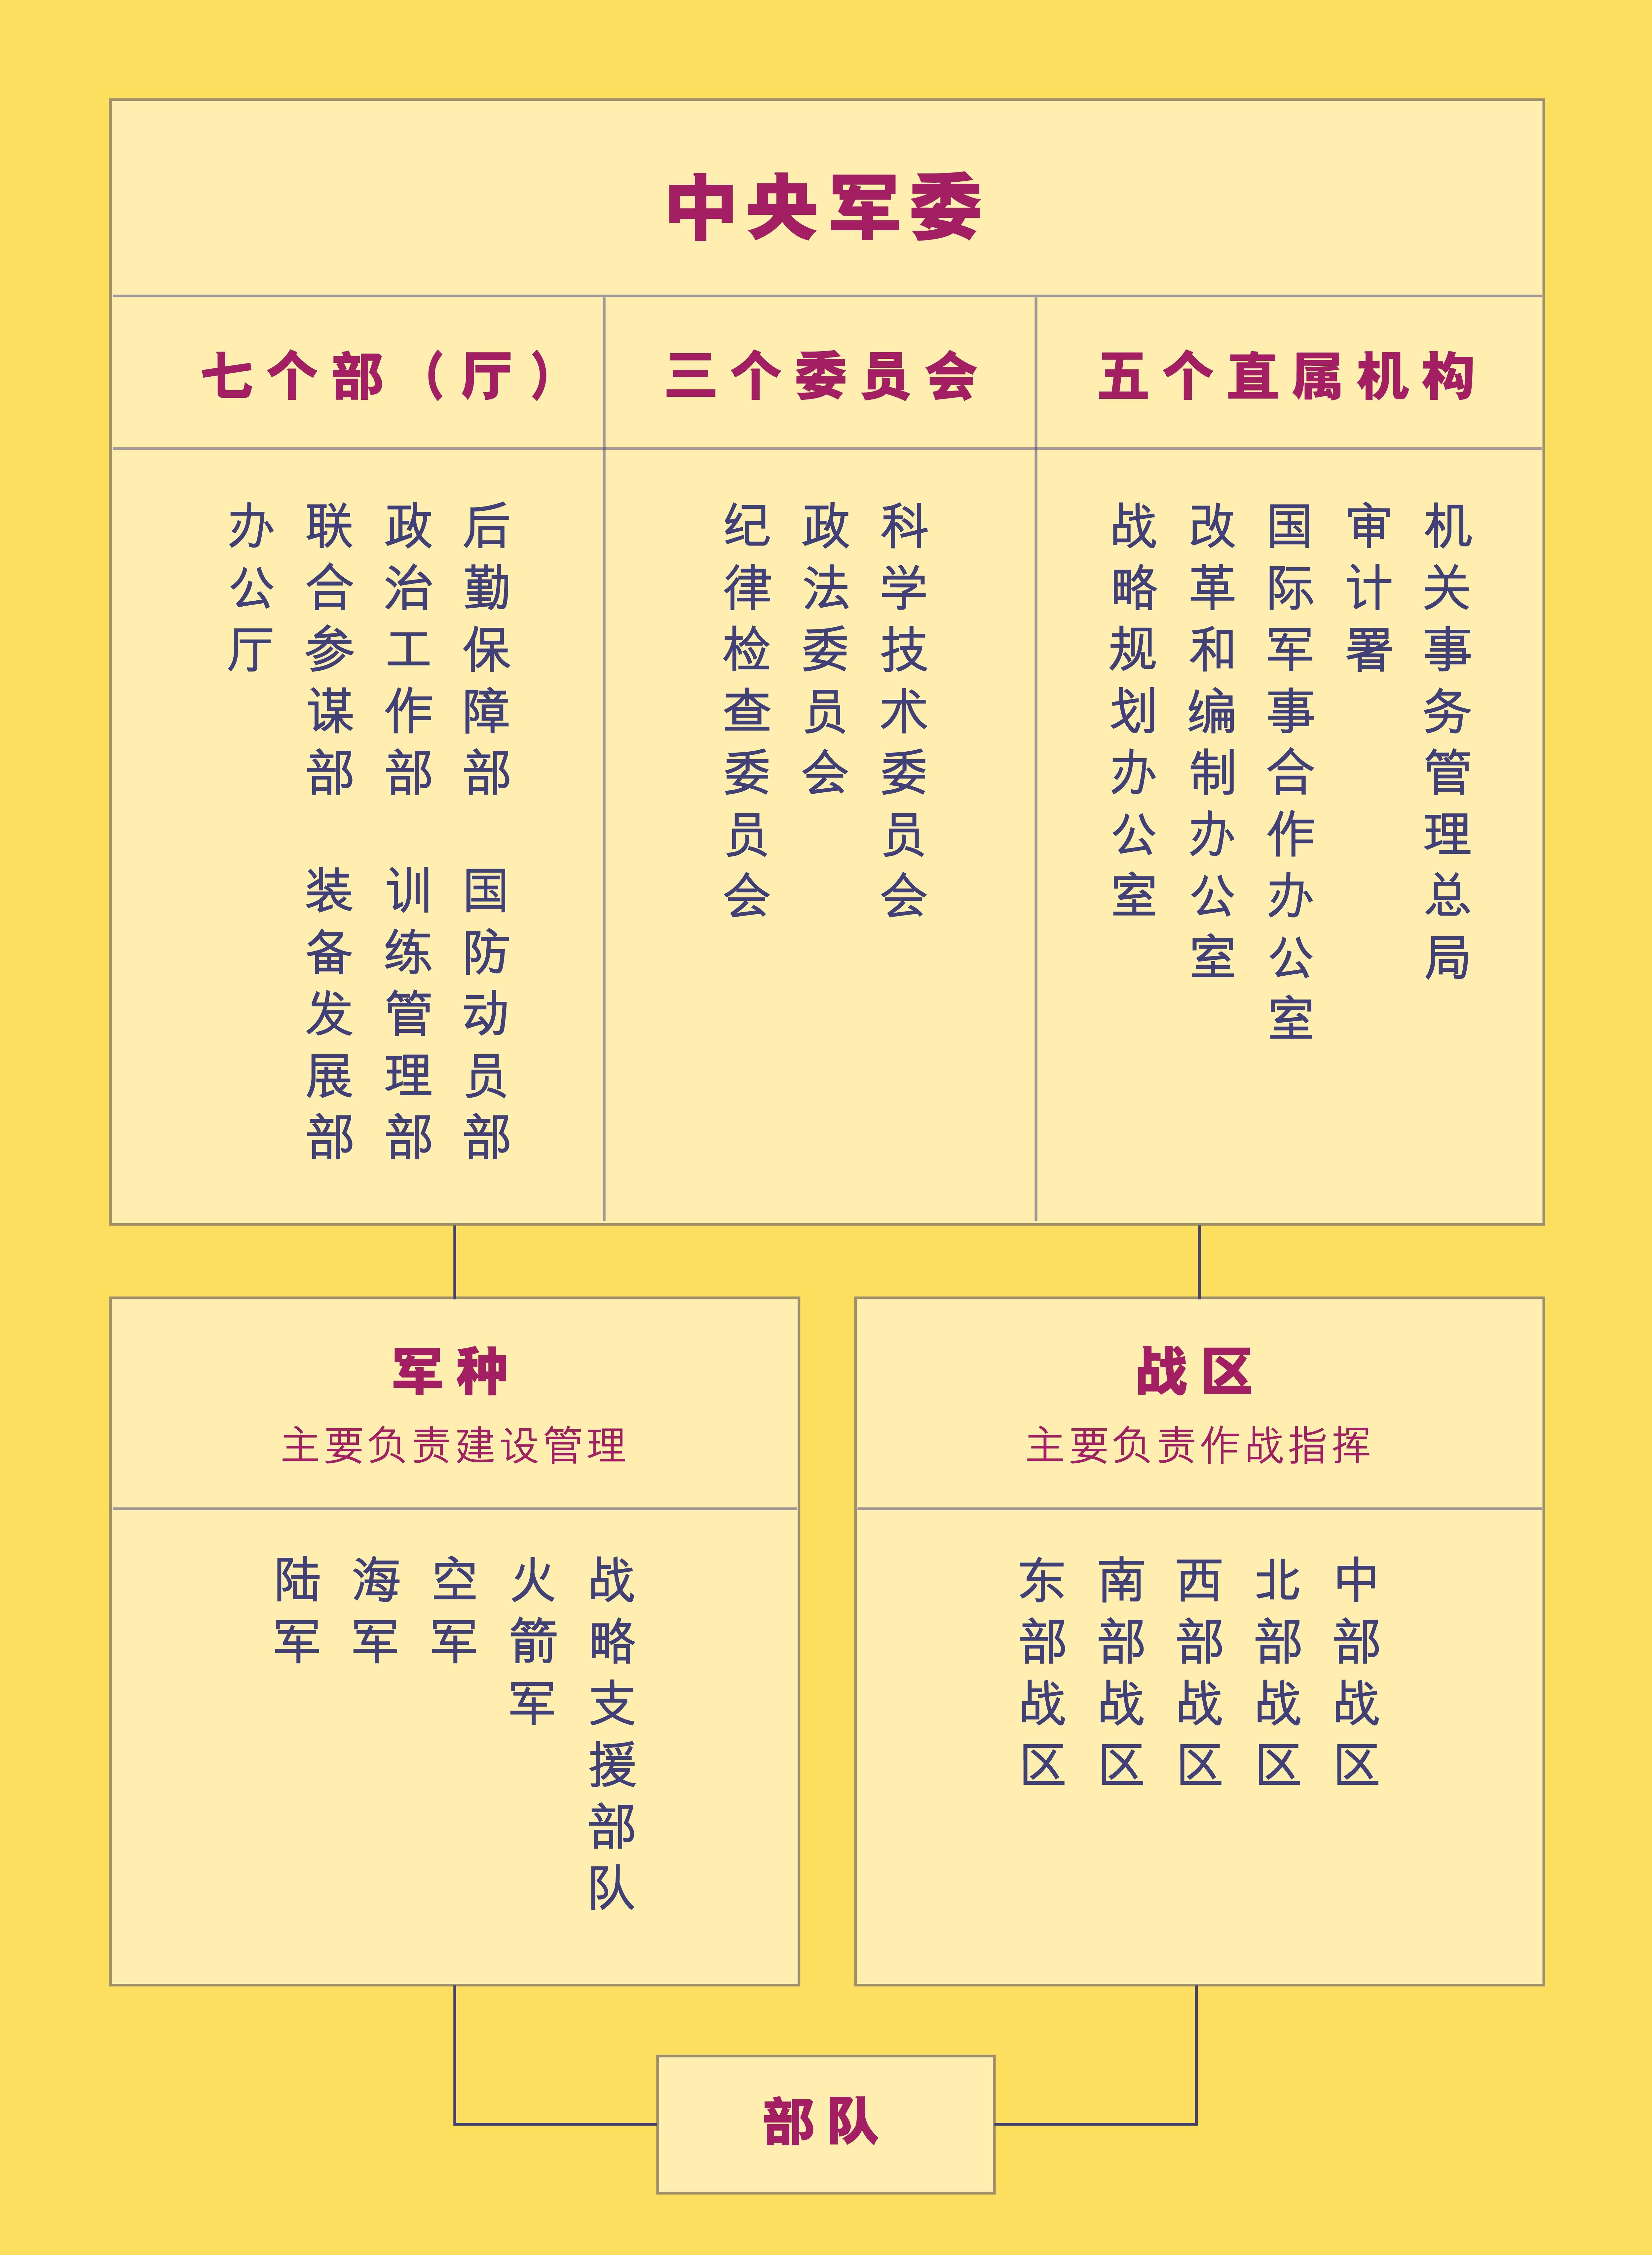 main_site_illustration_zhongyangjunwei_v2-02